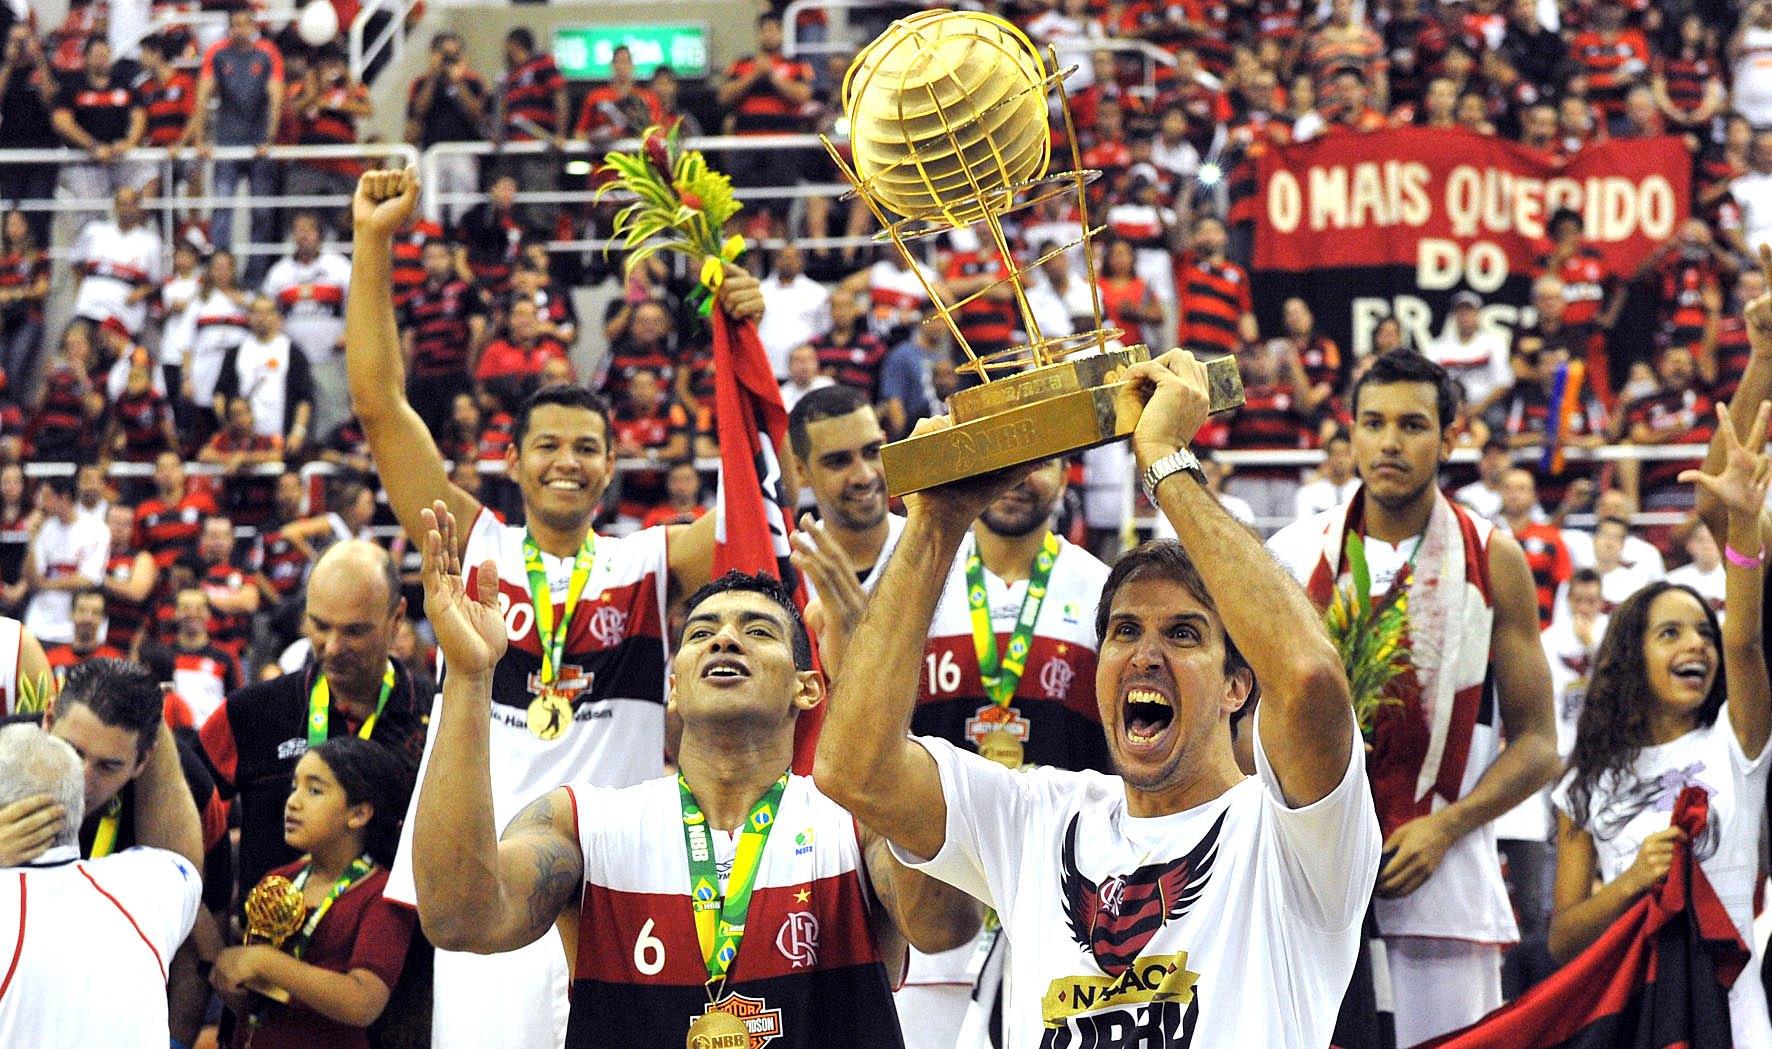 Flamengo levantou o troféu de campeão do NBB pela segunda vez na história (João Pires/LNB)